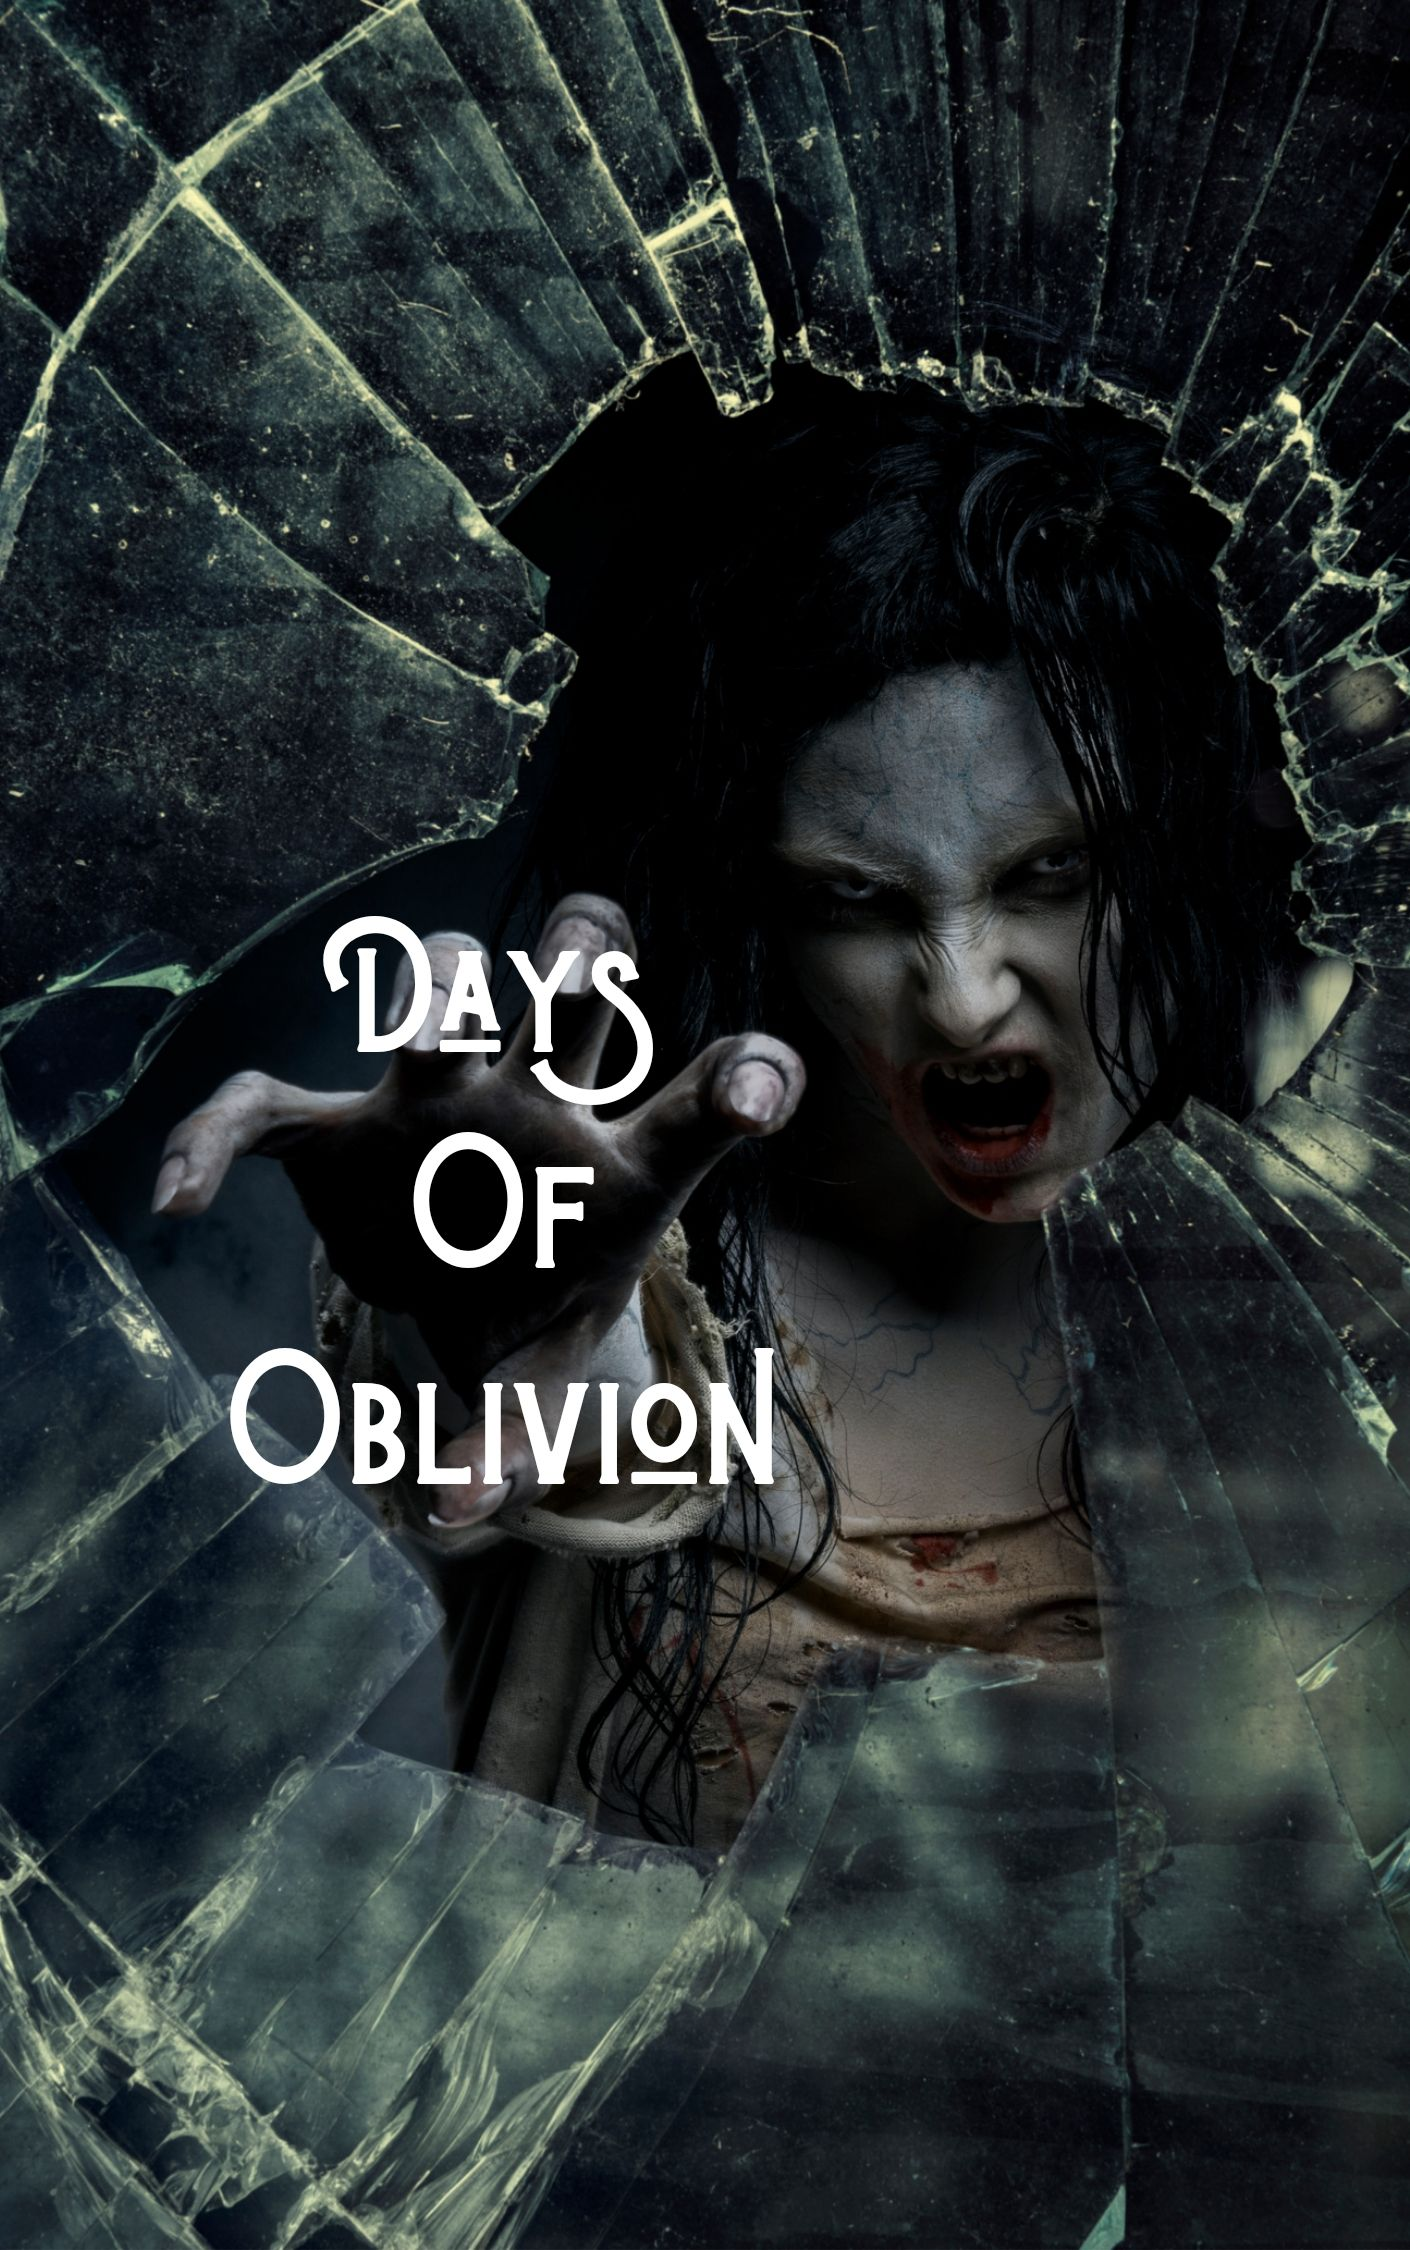 Days of Oblivion's Book Image